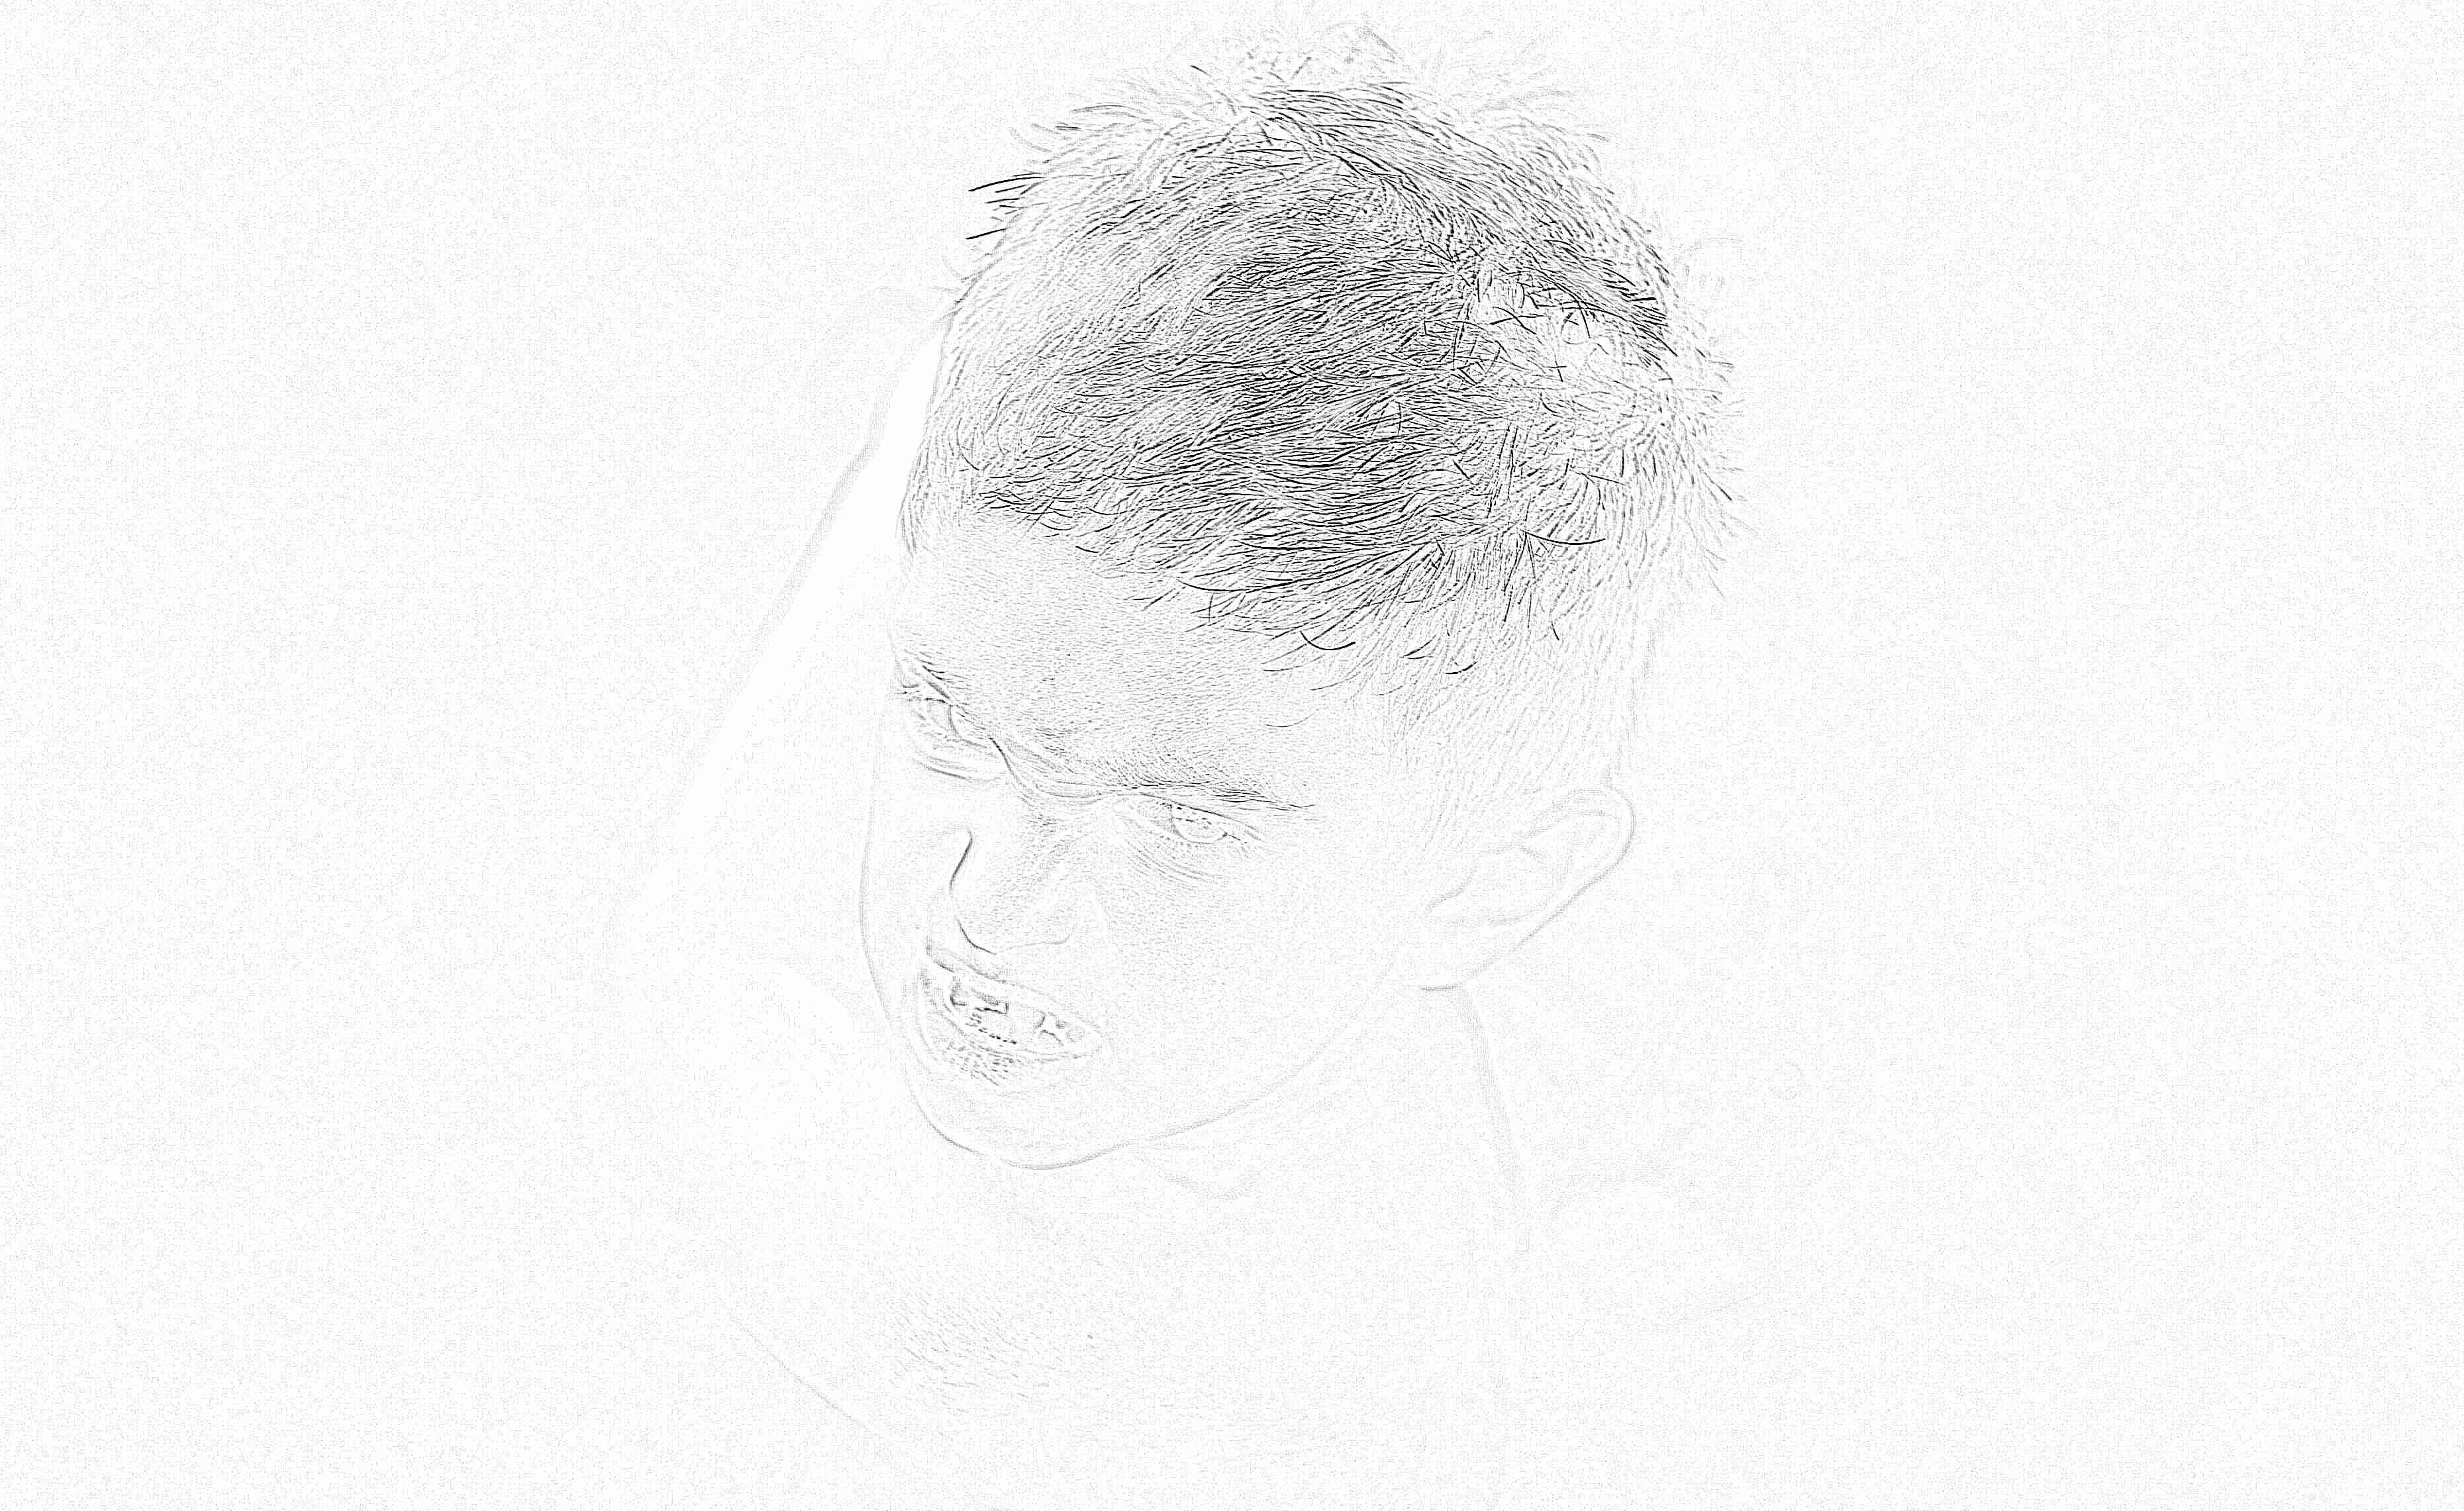 Картинки агрессия детей